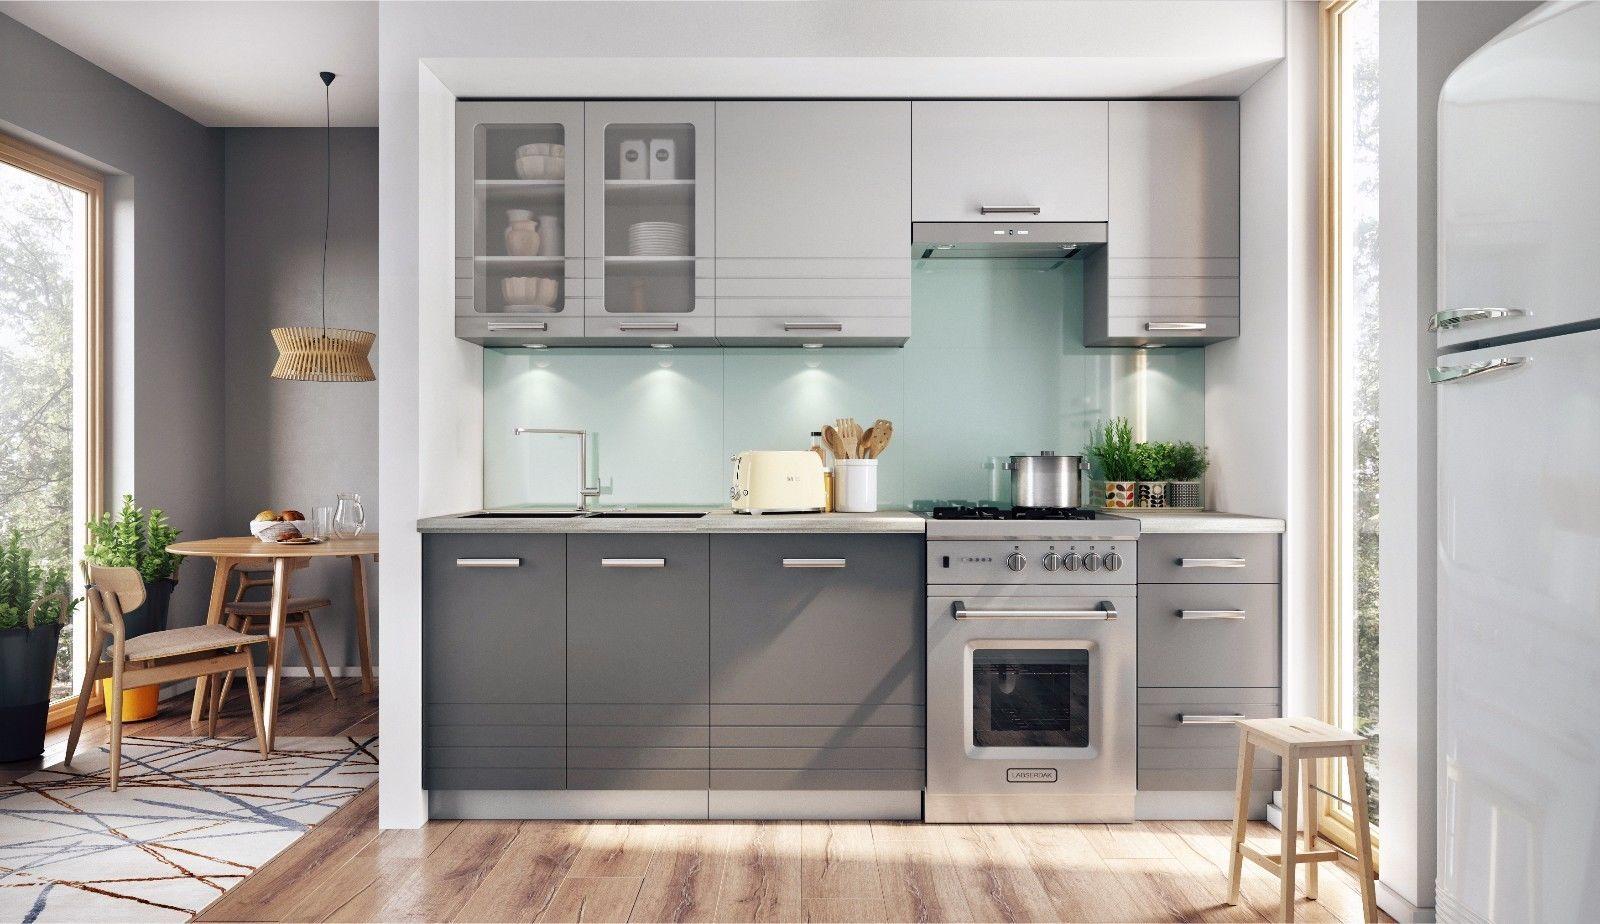 Full Size of Komplettküche Mit Geräten Günstig Komplettküche Angebot Teppich Küchekomplettküche Mit Elektrogeräten Miele Komplettküche Küche Komplettküche